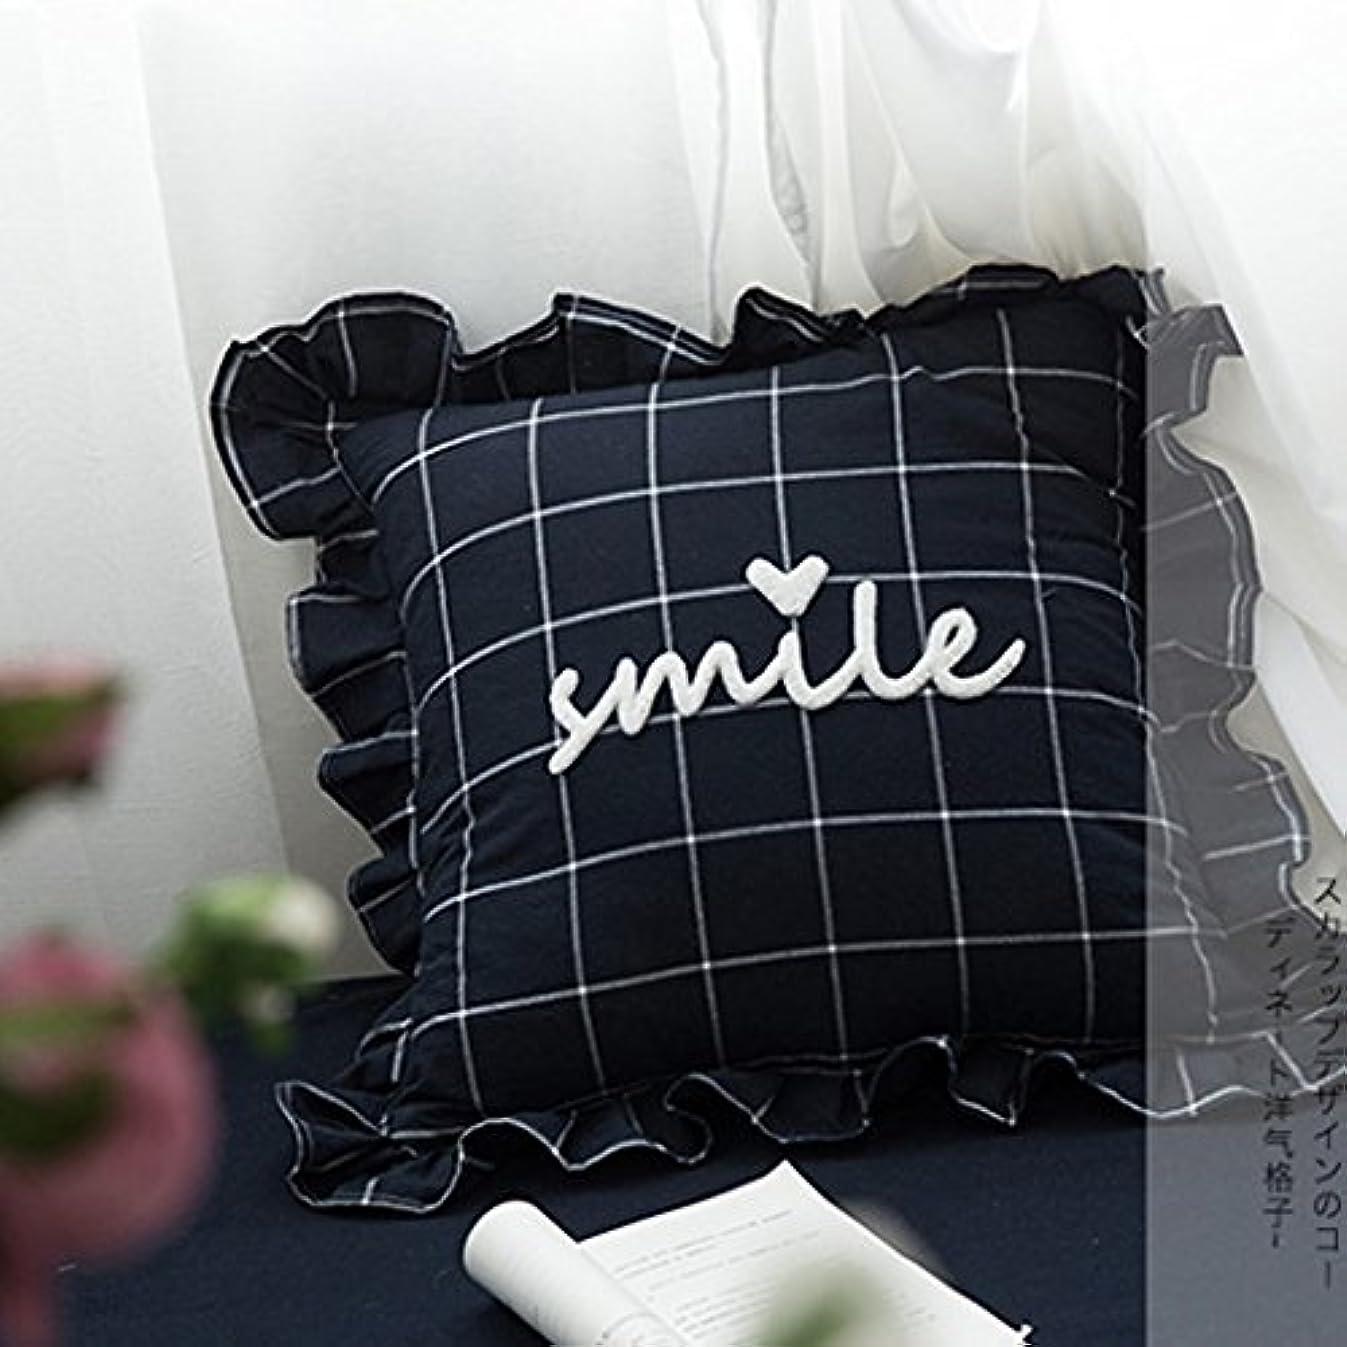 ボウリングなる高さソファーベッドの家の装飾のための古典的な格子縞の正方形の枕クッション - 青